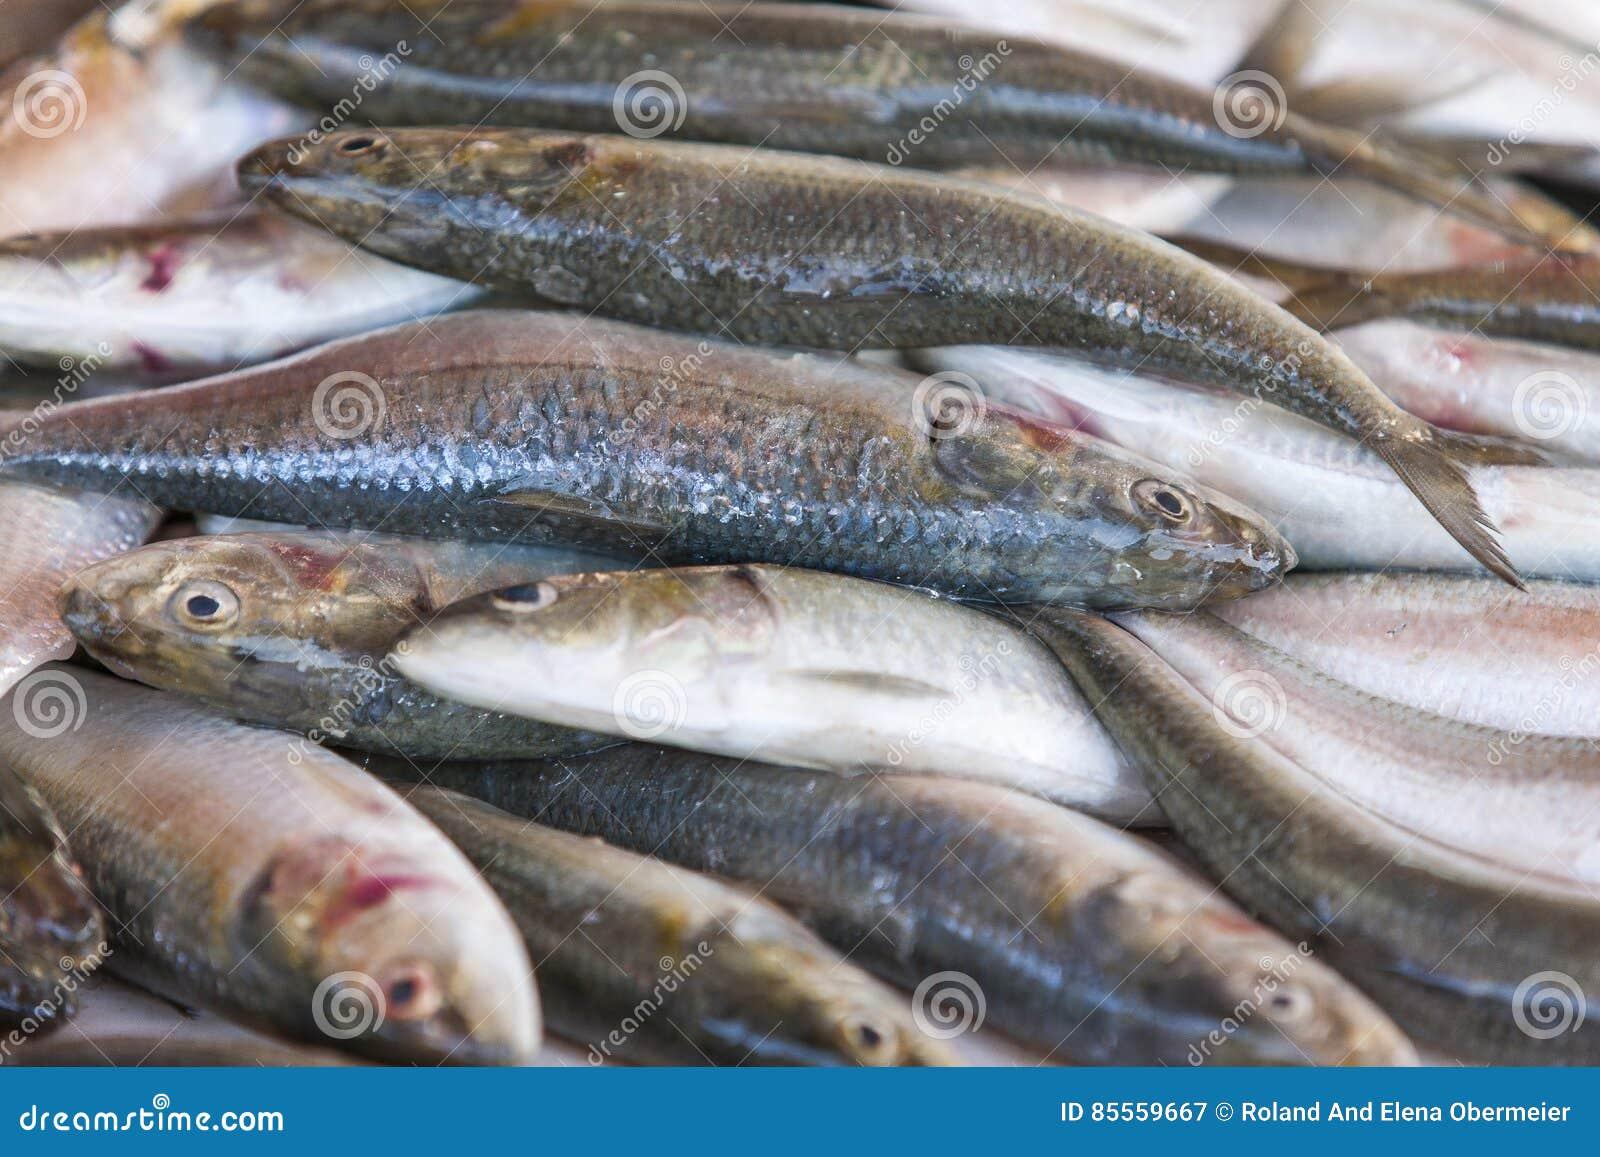 Frische Sardinen angezeigt auf dem Fischmarkt